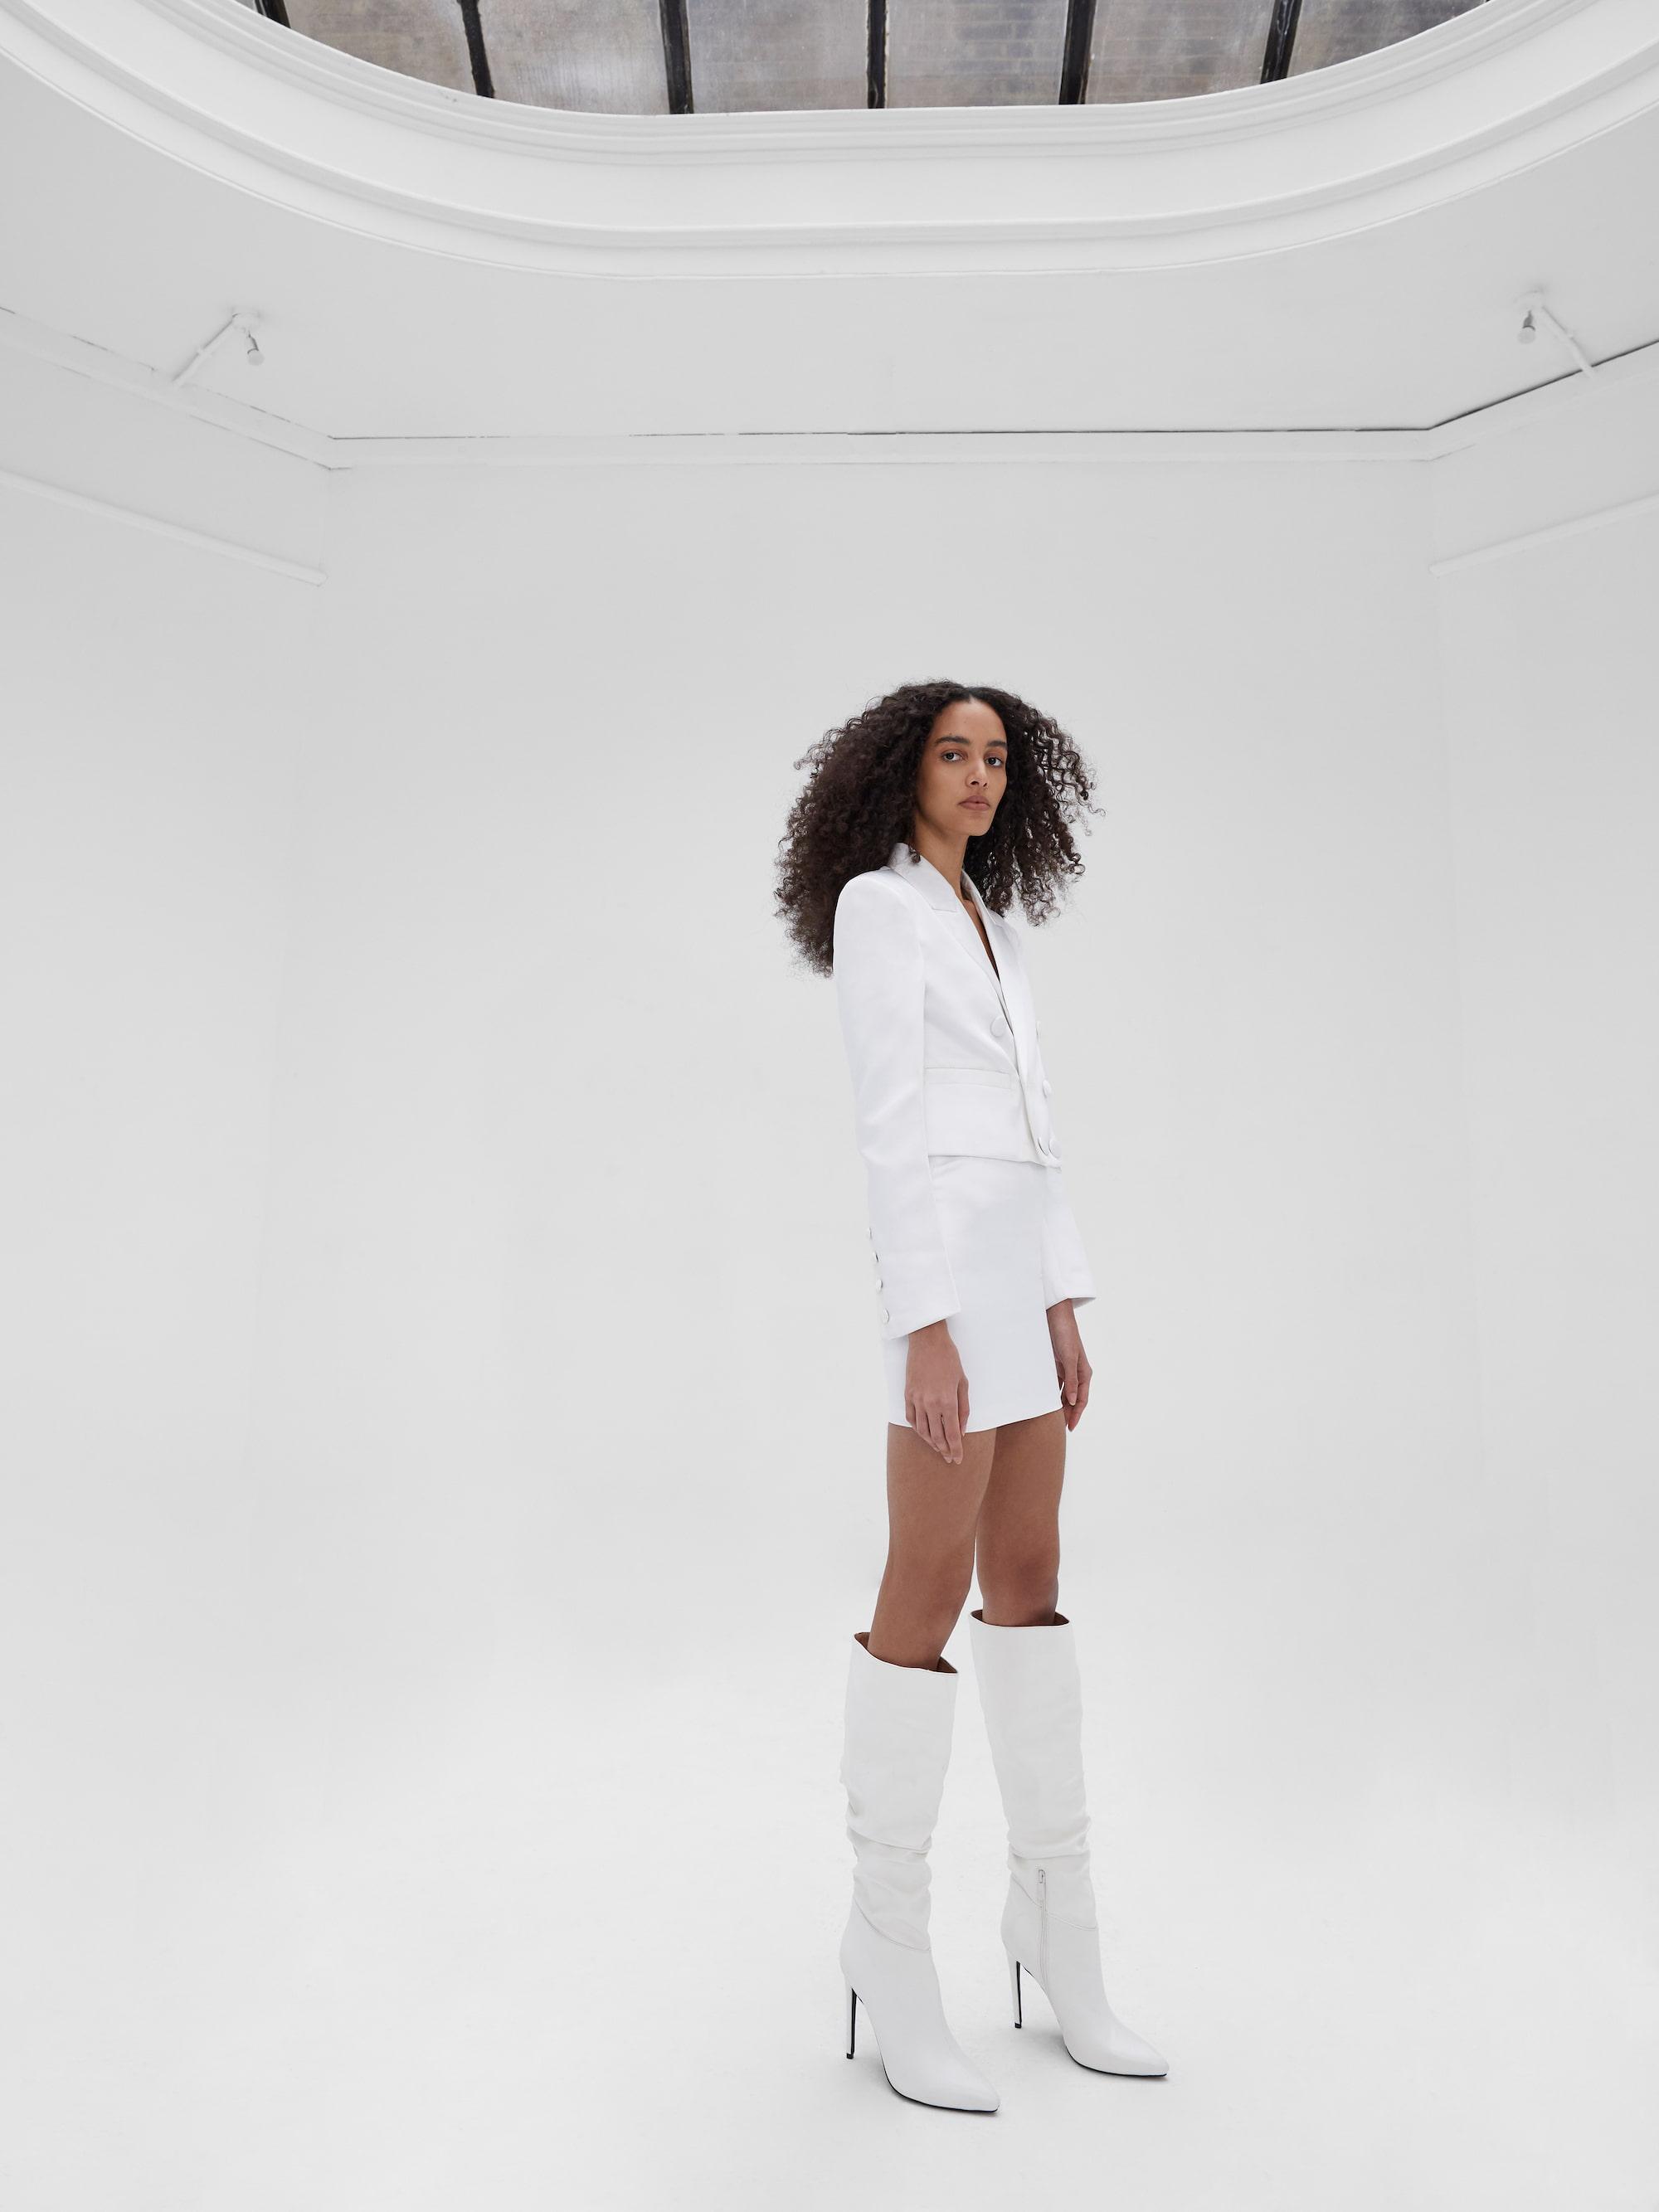 View 4 of model wearing Kin Cropped Blazer in black.